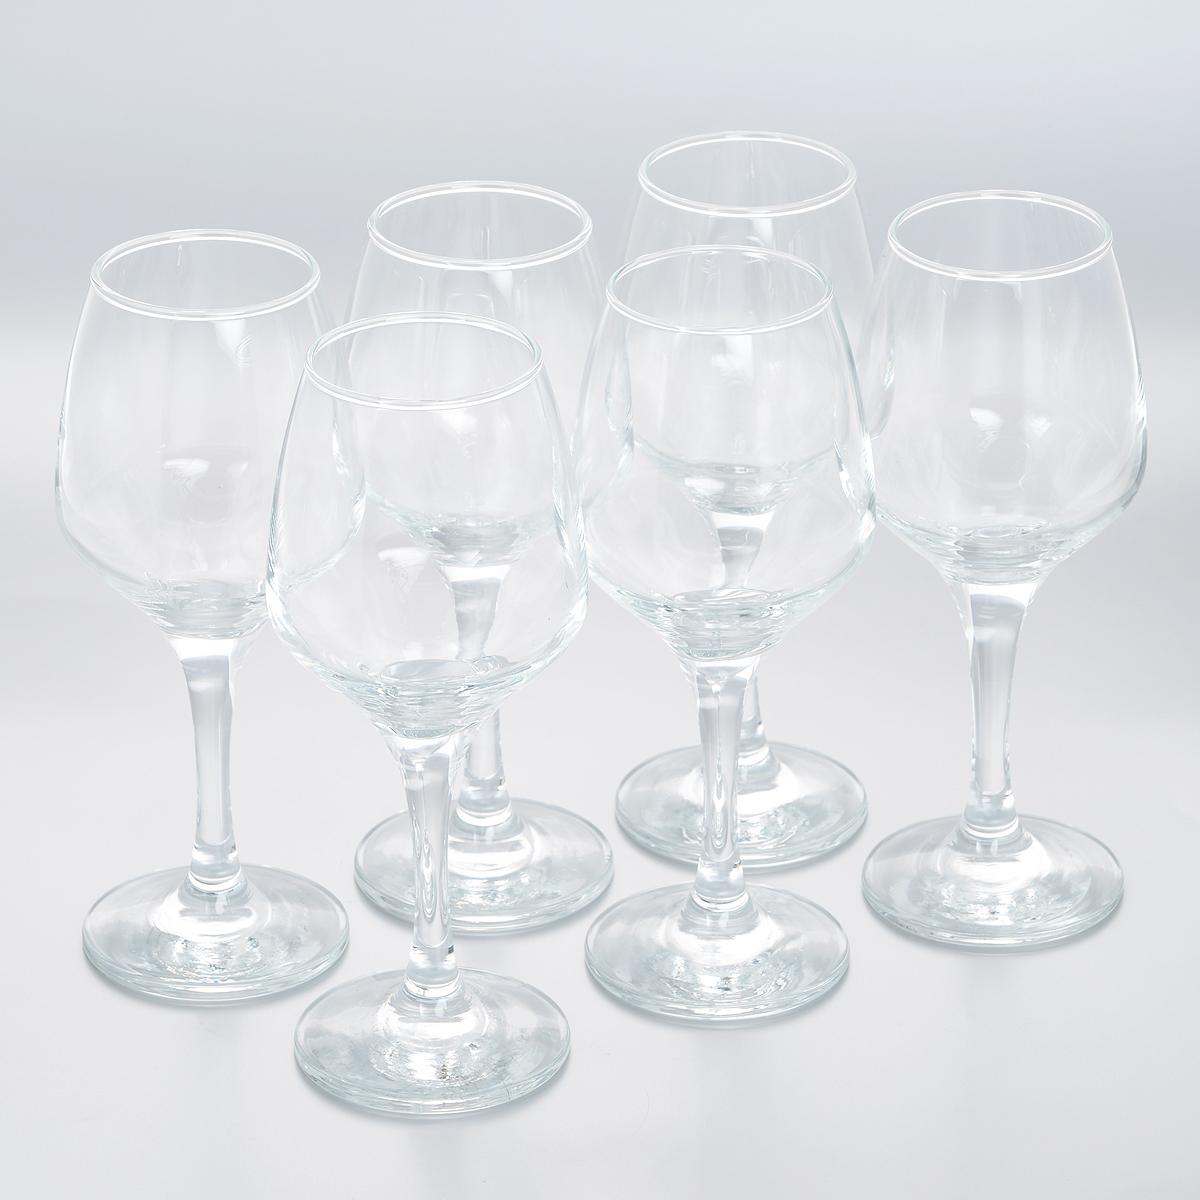 Набор бокалов Pasabahce Isabella, 385 мл, 6 шт440172BНабор Pasabahce Isabella состоит из шести бокалов, выполненных из прочного натрий-кальций-силикатного стекла. Бокалы излучают приятный блеск и издают мелодичный звон. Предназначены для красного и белого вина. Набор бокалов Pasabahce Isabella прекрасно оформит праздничный стол и создаст приятную атмосферу за романтическим ужином. Такой набор также станет хорошим подарком к любому случаю. Можно мыть в посудомоечной машине.